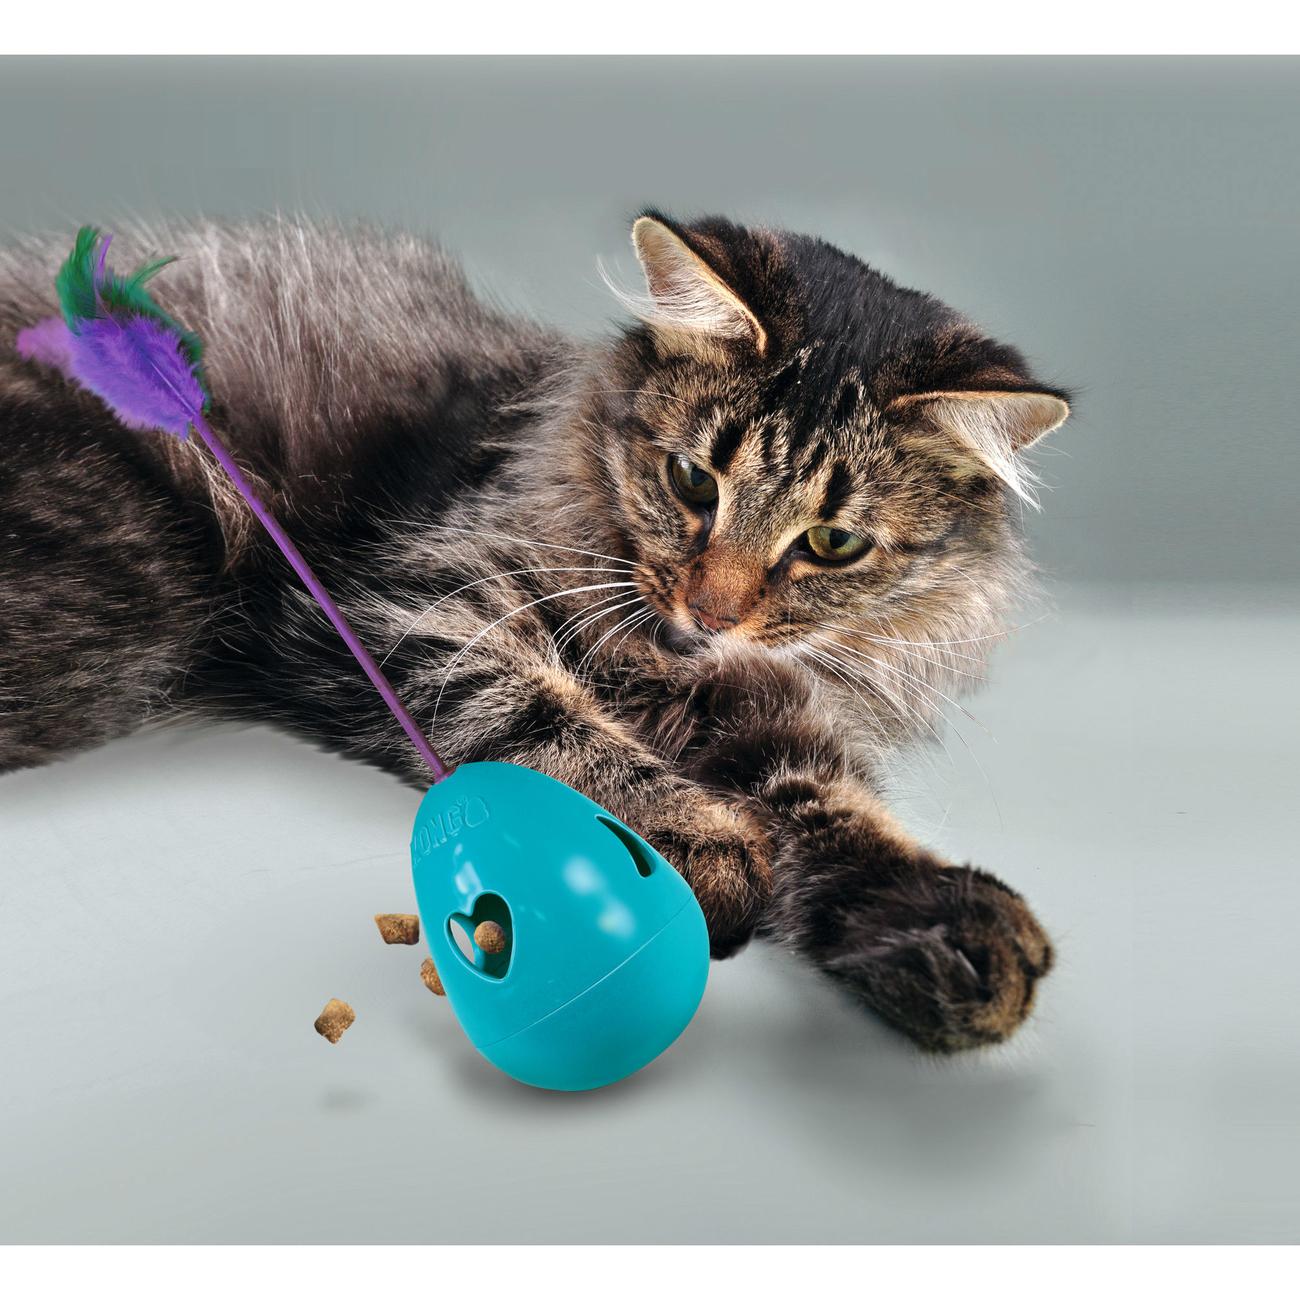 KONG Katzenspielzeug Infused Tippin Treat, Bild 3